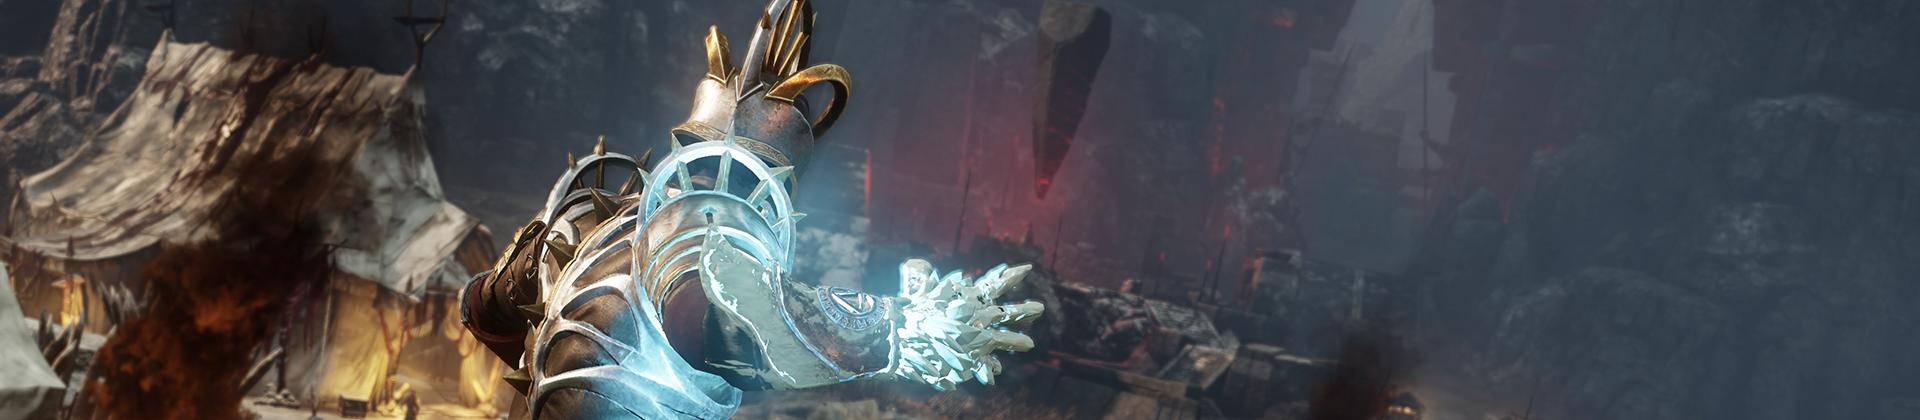 Ein Screenshot von New World, in dem ein Charakter mit der Eisstulpe an der Hand über ein Feld mit Zelten der Verderbten blickt. Sein Arm glüht weißblau, als wäre er kurz davor, einen Zauber zu wirken.